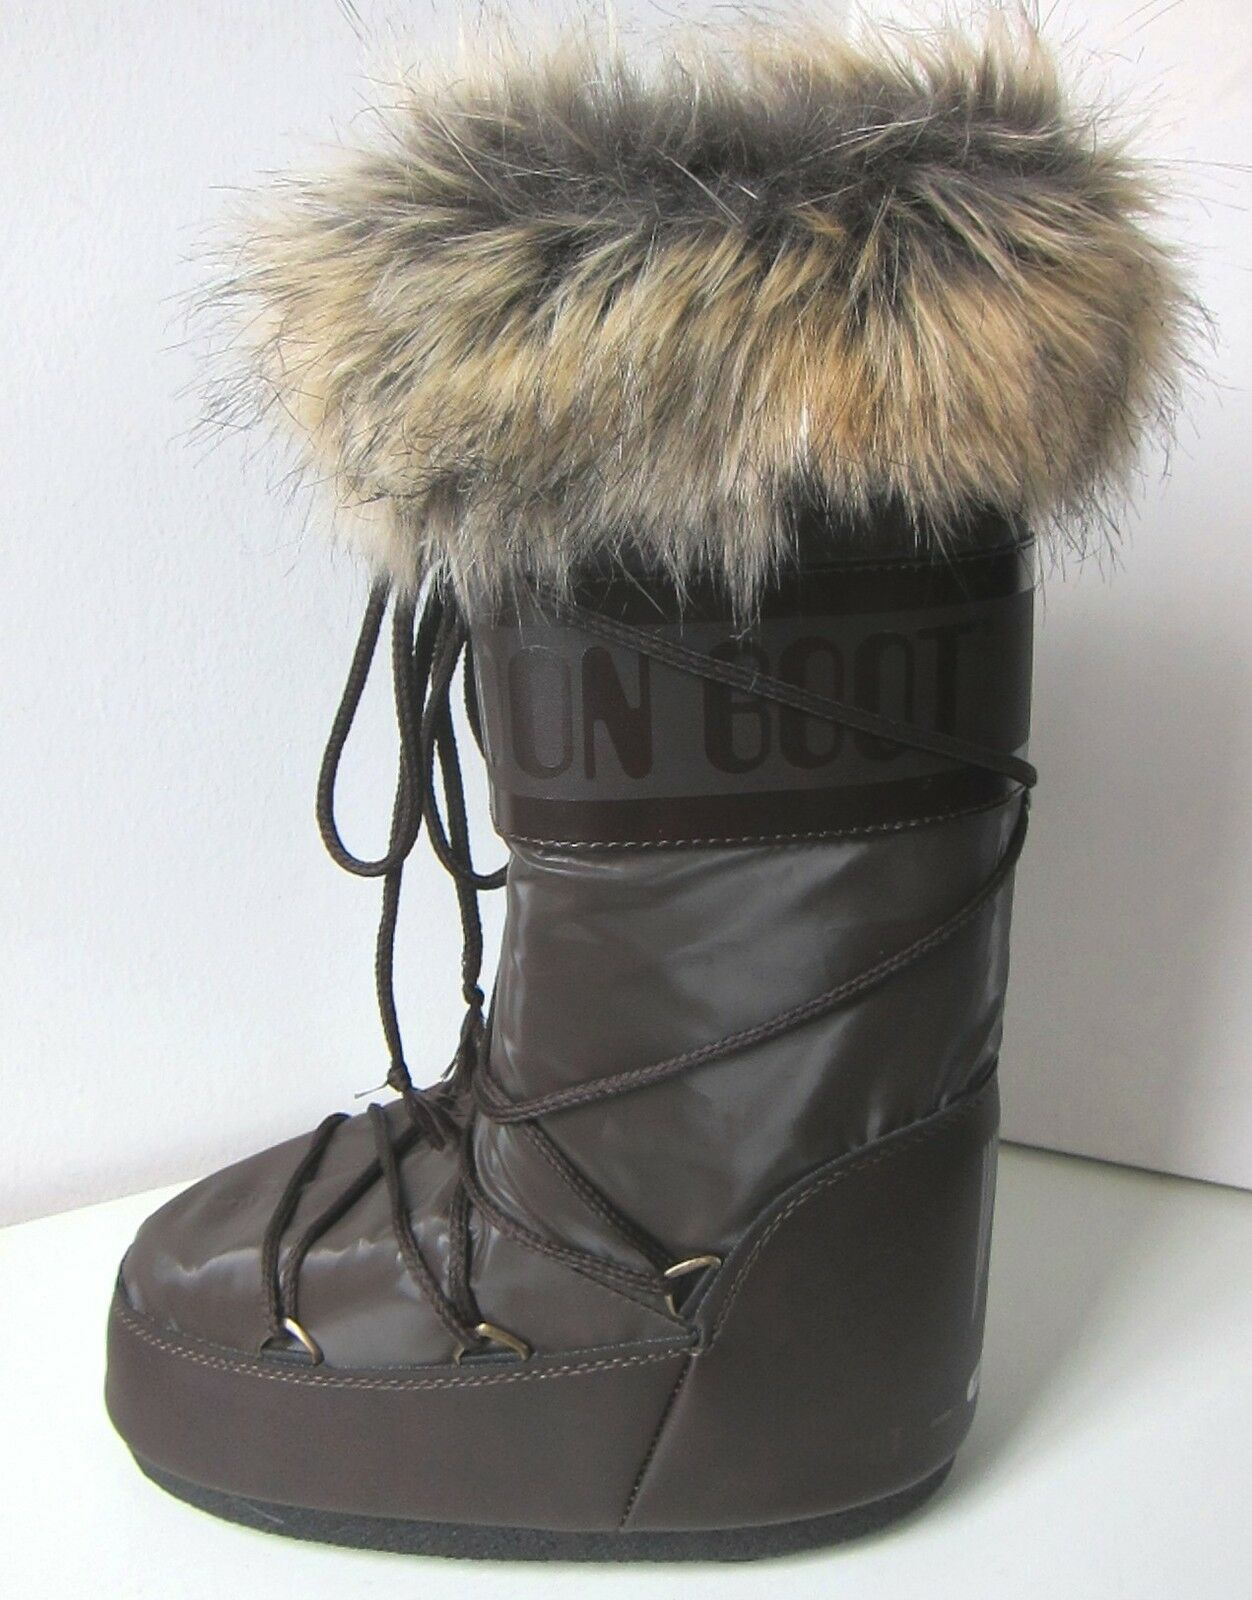 Tecnica MOON BOOT Romance braun Gr. 31 Boots - 34  Moon Boots 31 Kunstfell Fell fake fur da33c7